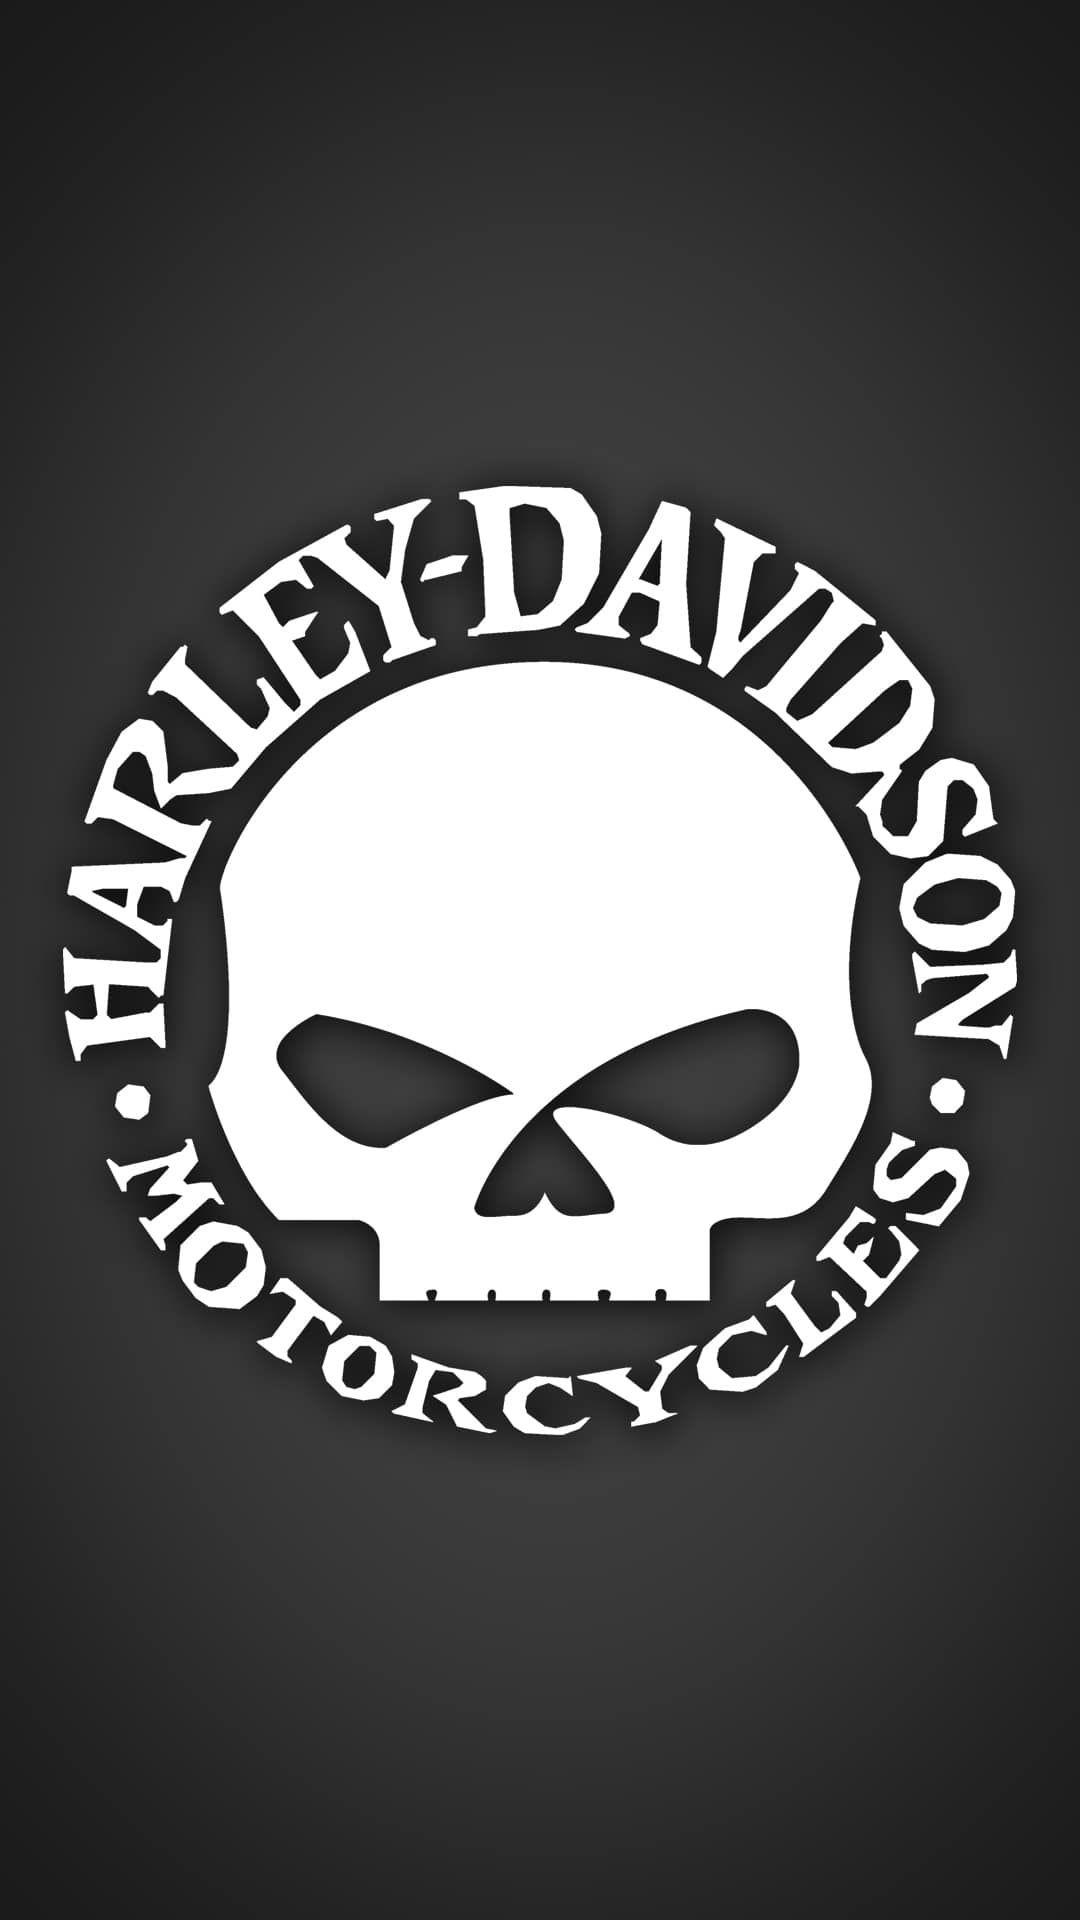 Harley Davidson Willie G Wallpaper 53 Images